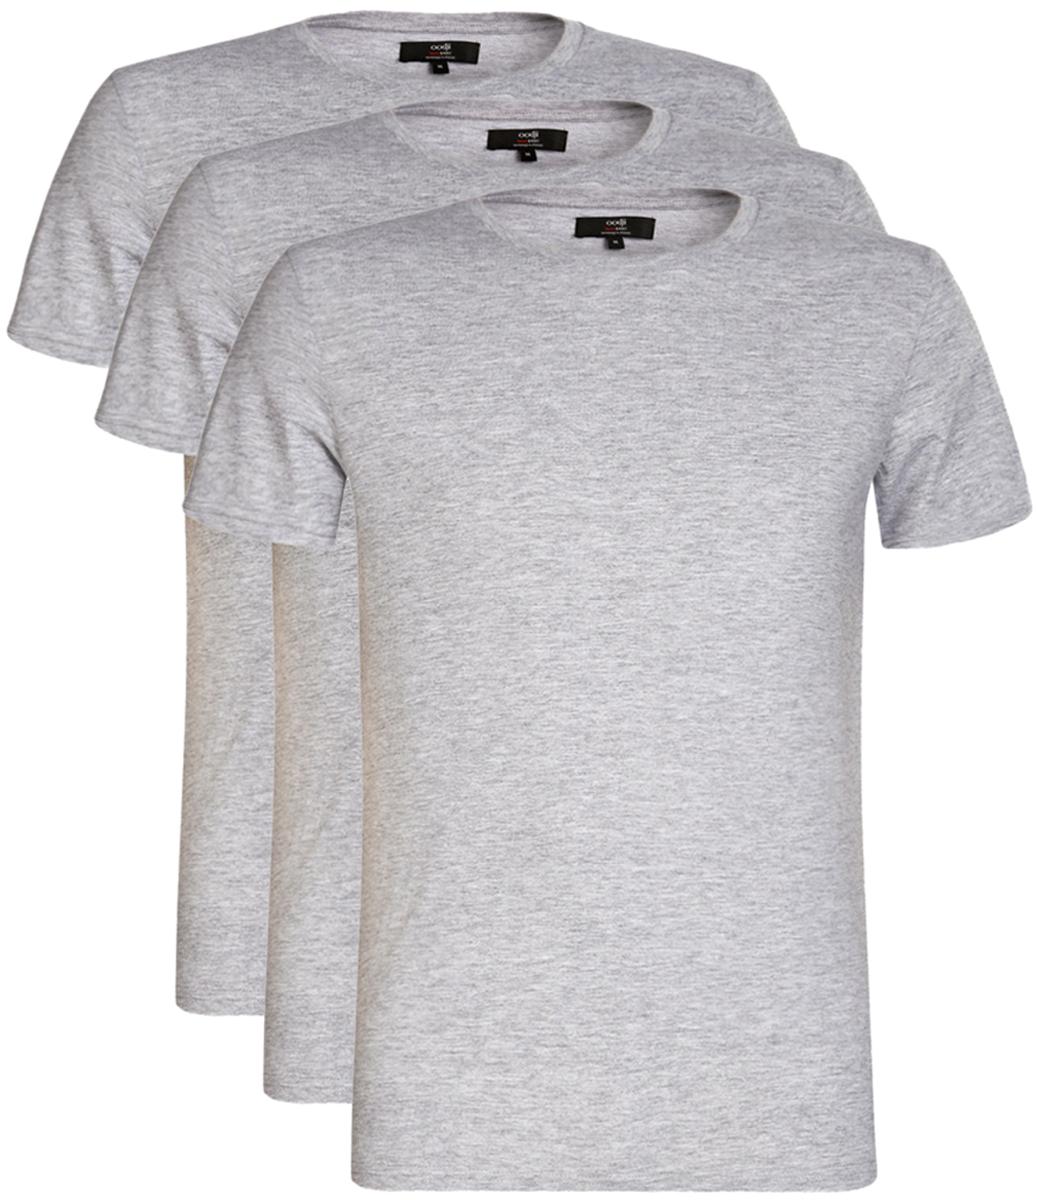 Футболка5B621002T3/44135N/4D00NМужская футболка oodji Basic изготовлена из высококачественного натурального хлопка. Модель с короткими рукавами и круглым вырезом горловины дополнена эластичной вставкой в цвет изделия по горловине. В комплекте 3 футболки.